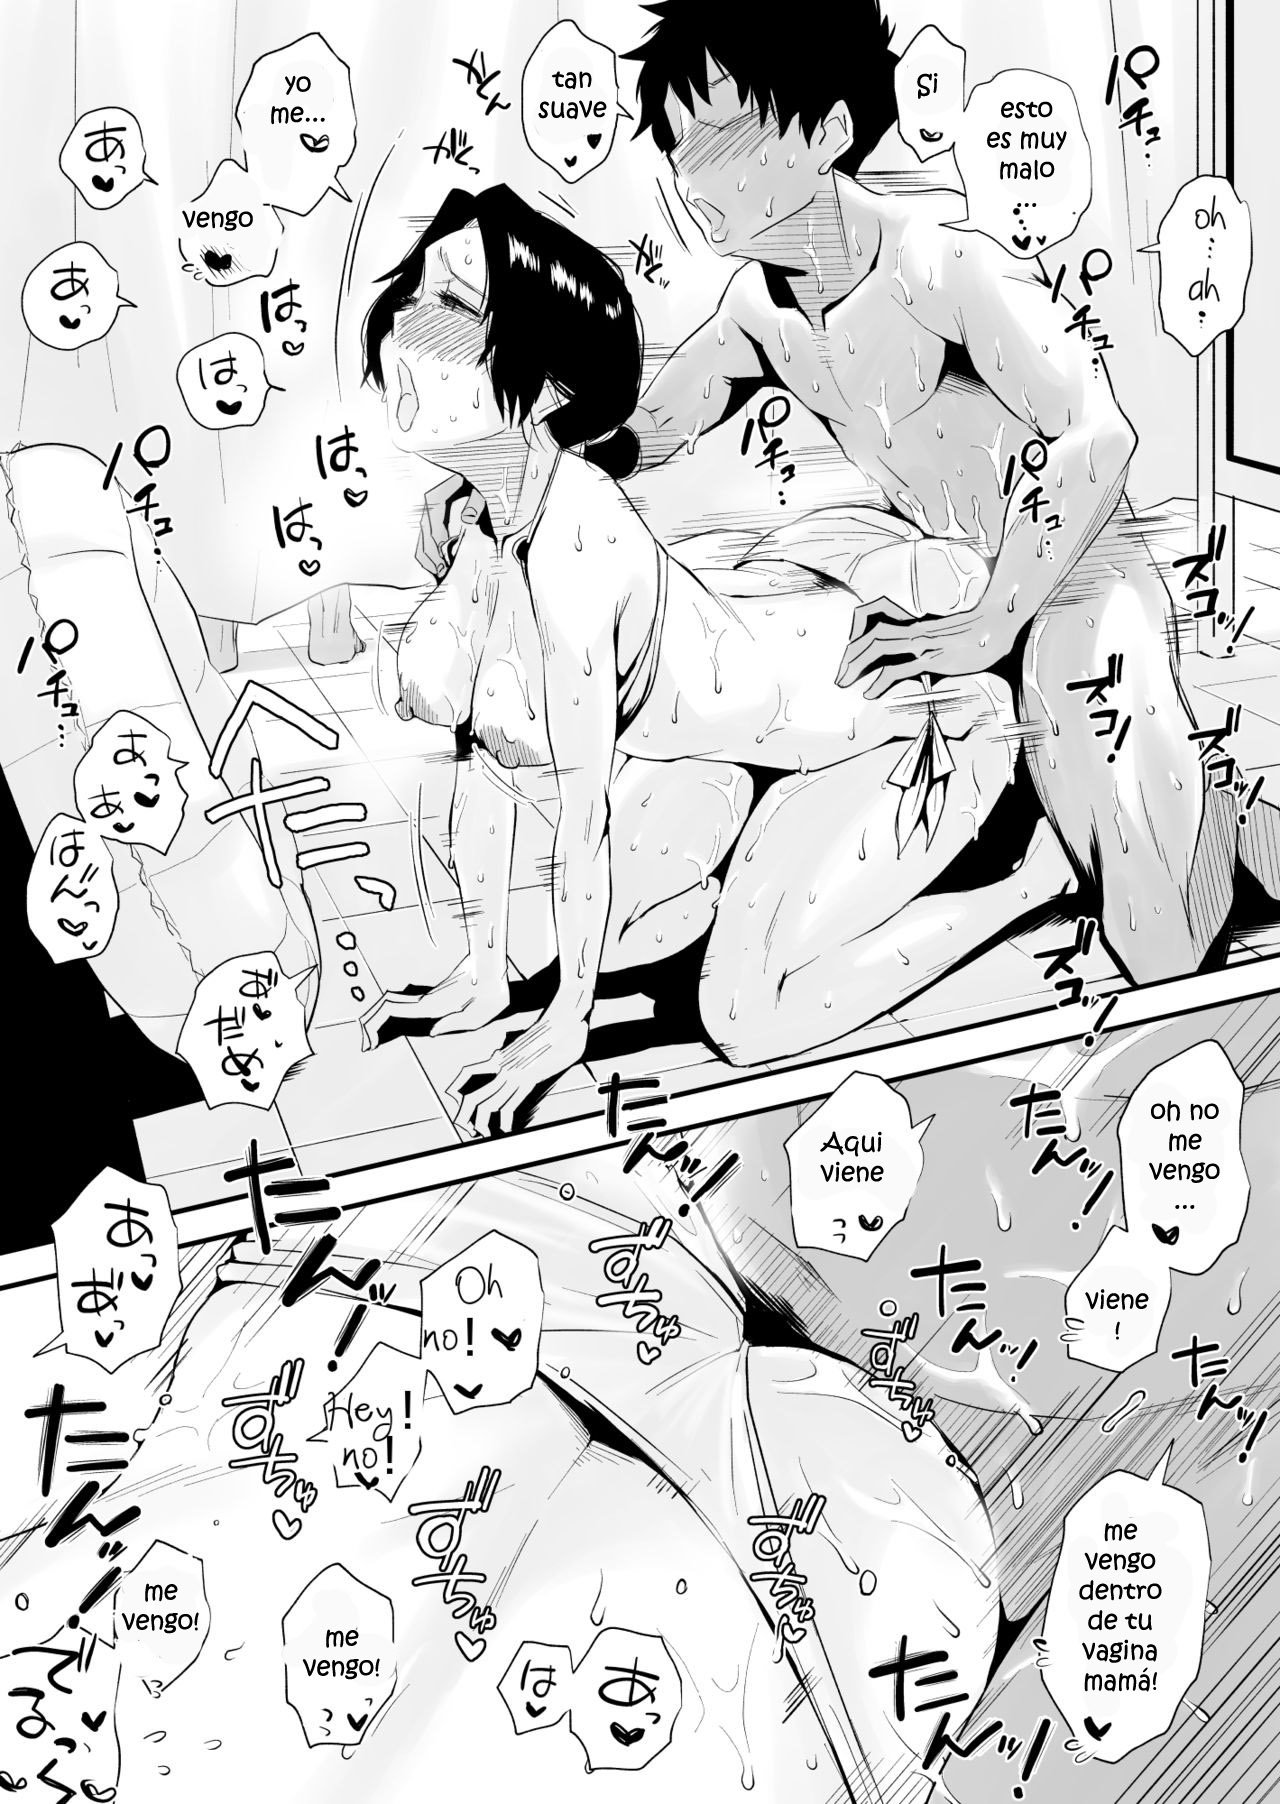 Ano Okaa-san no shousai Piscina publica - 38